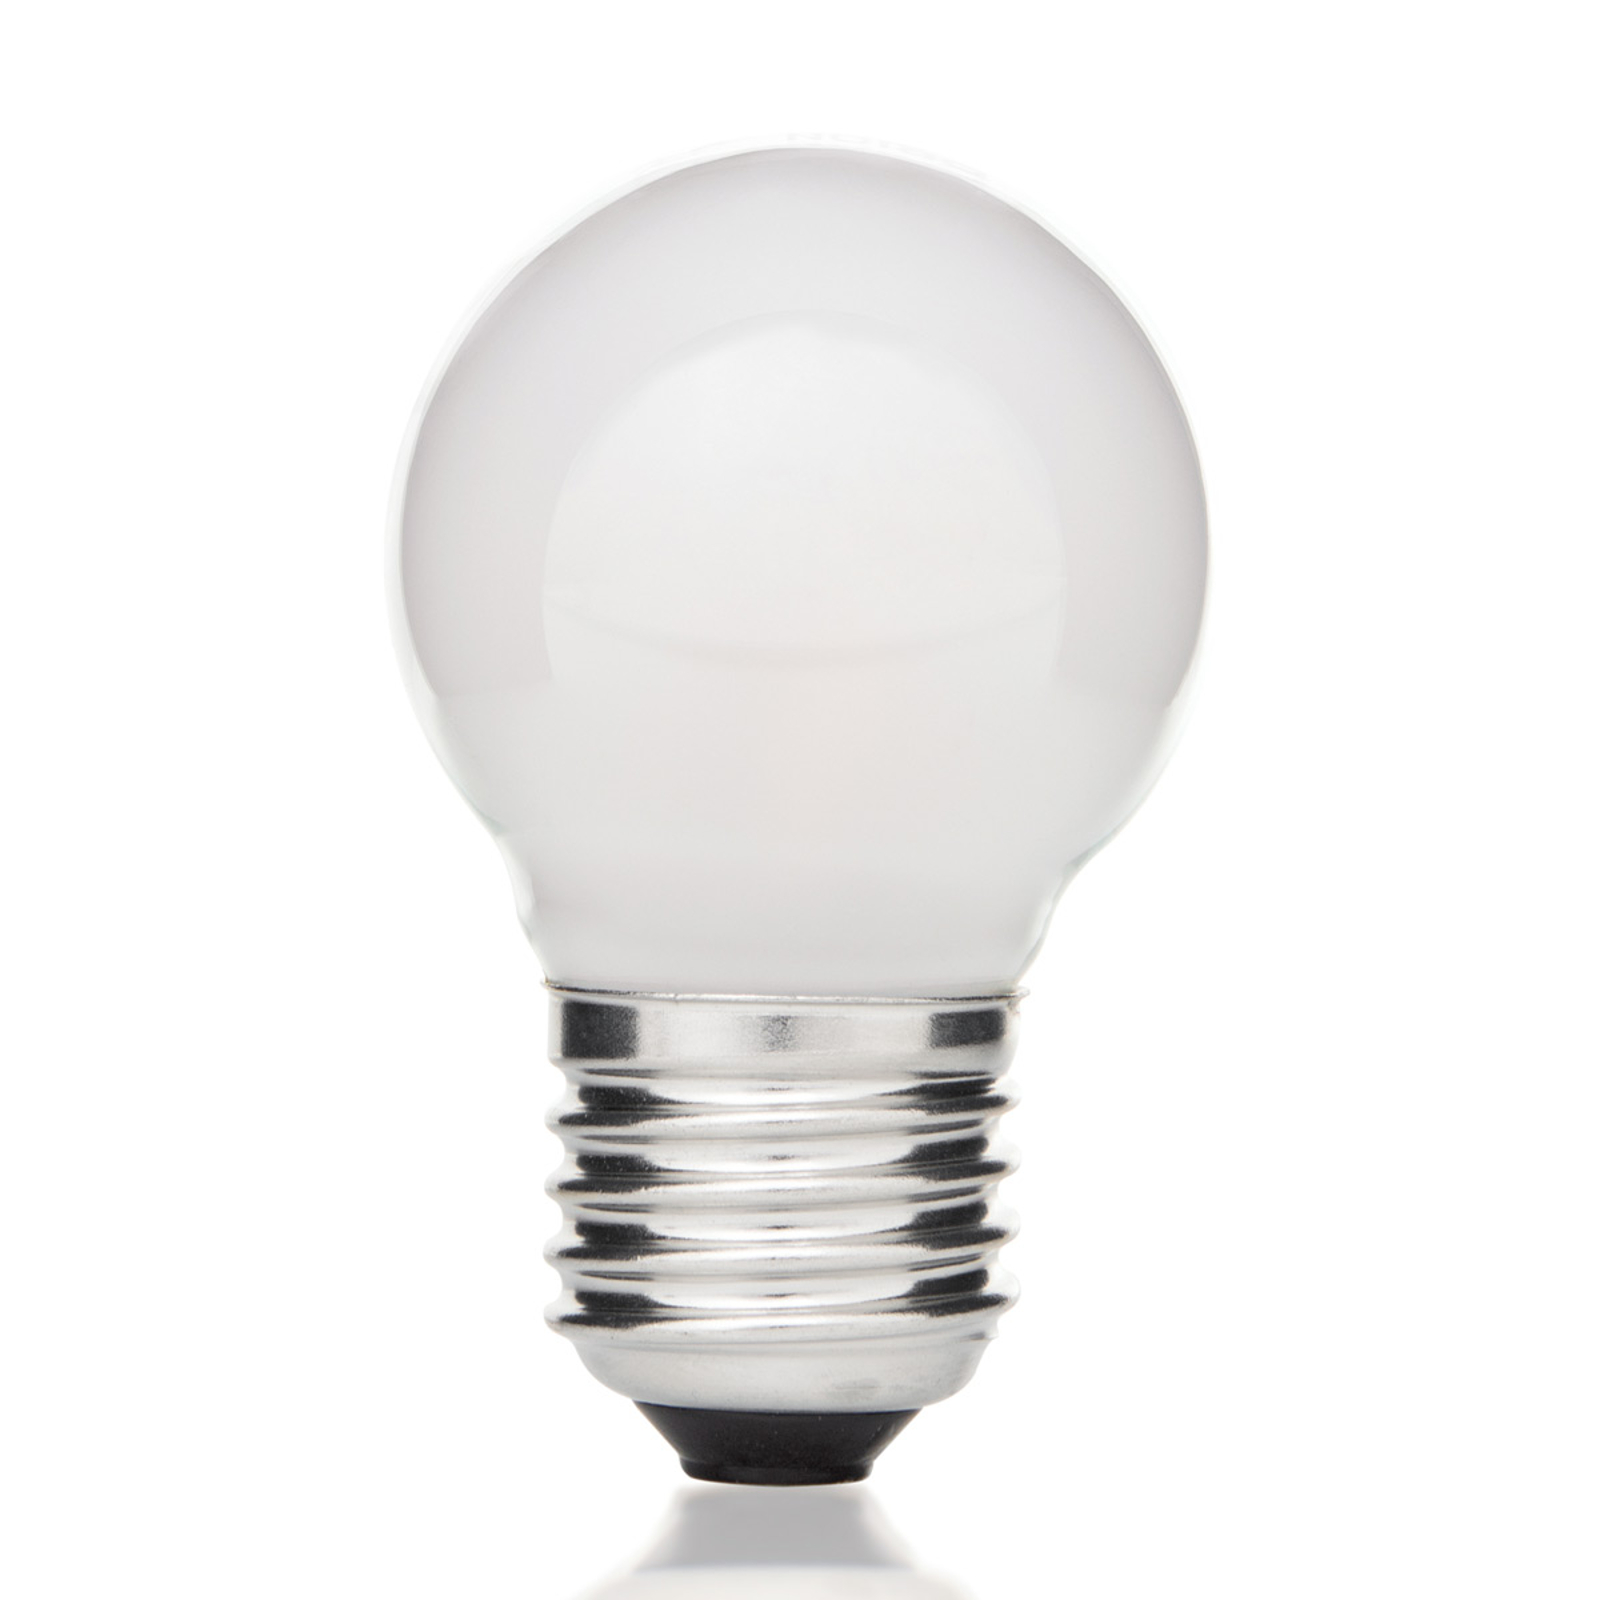 E27 4W 827 LED Tropfenlampe, innen matt